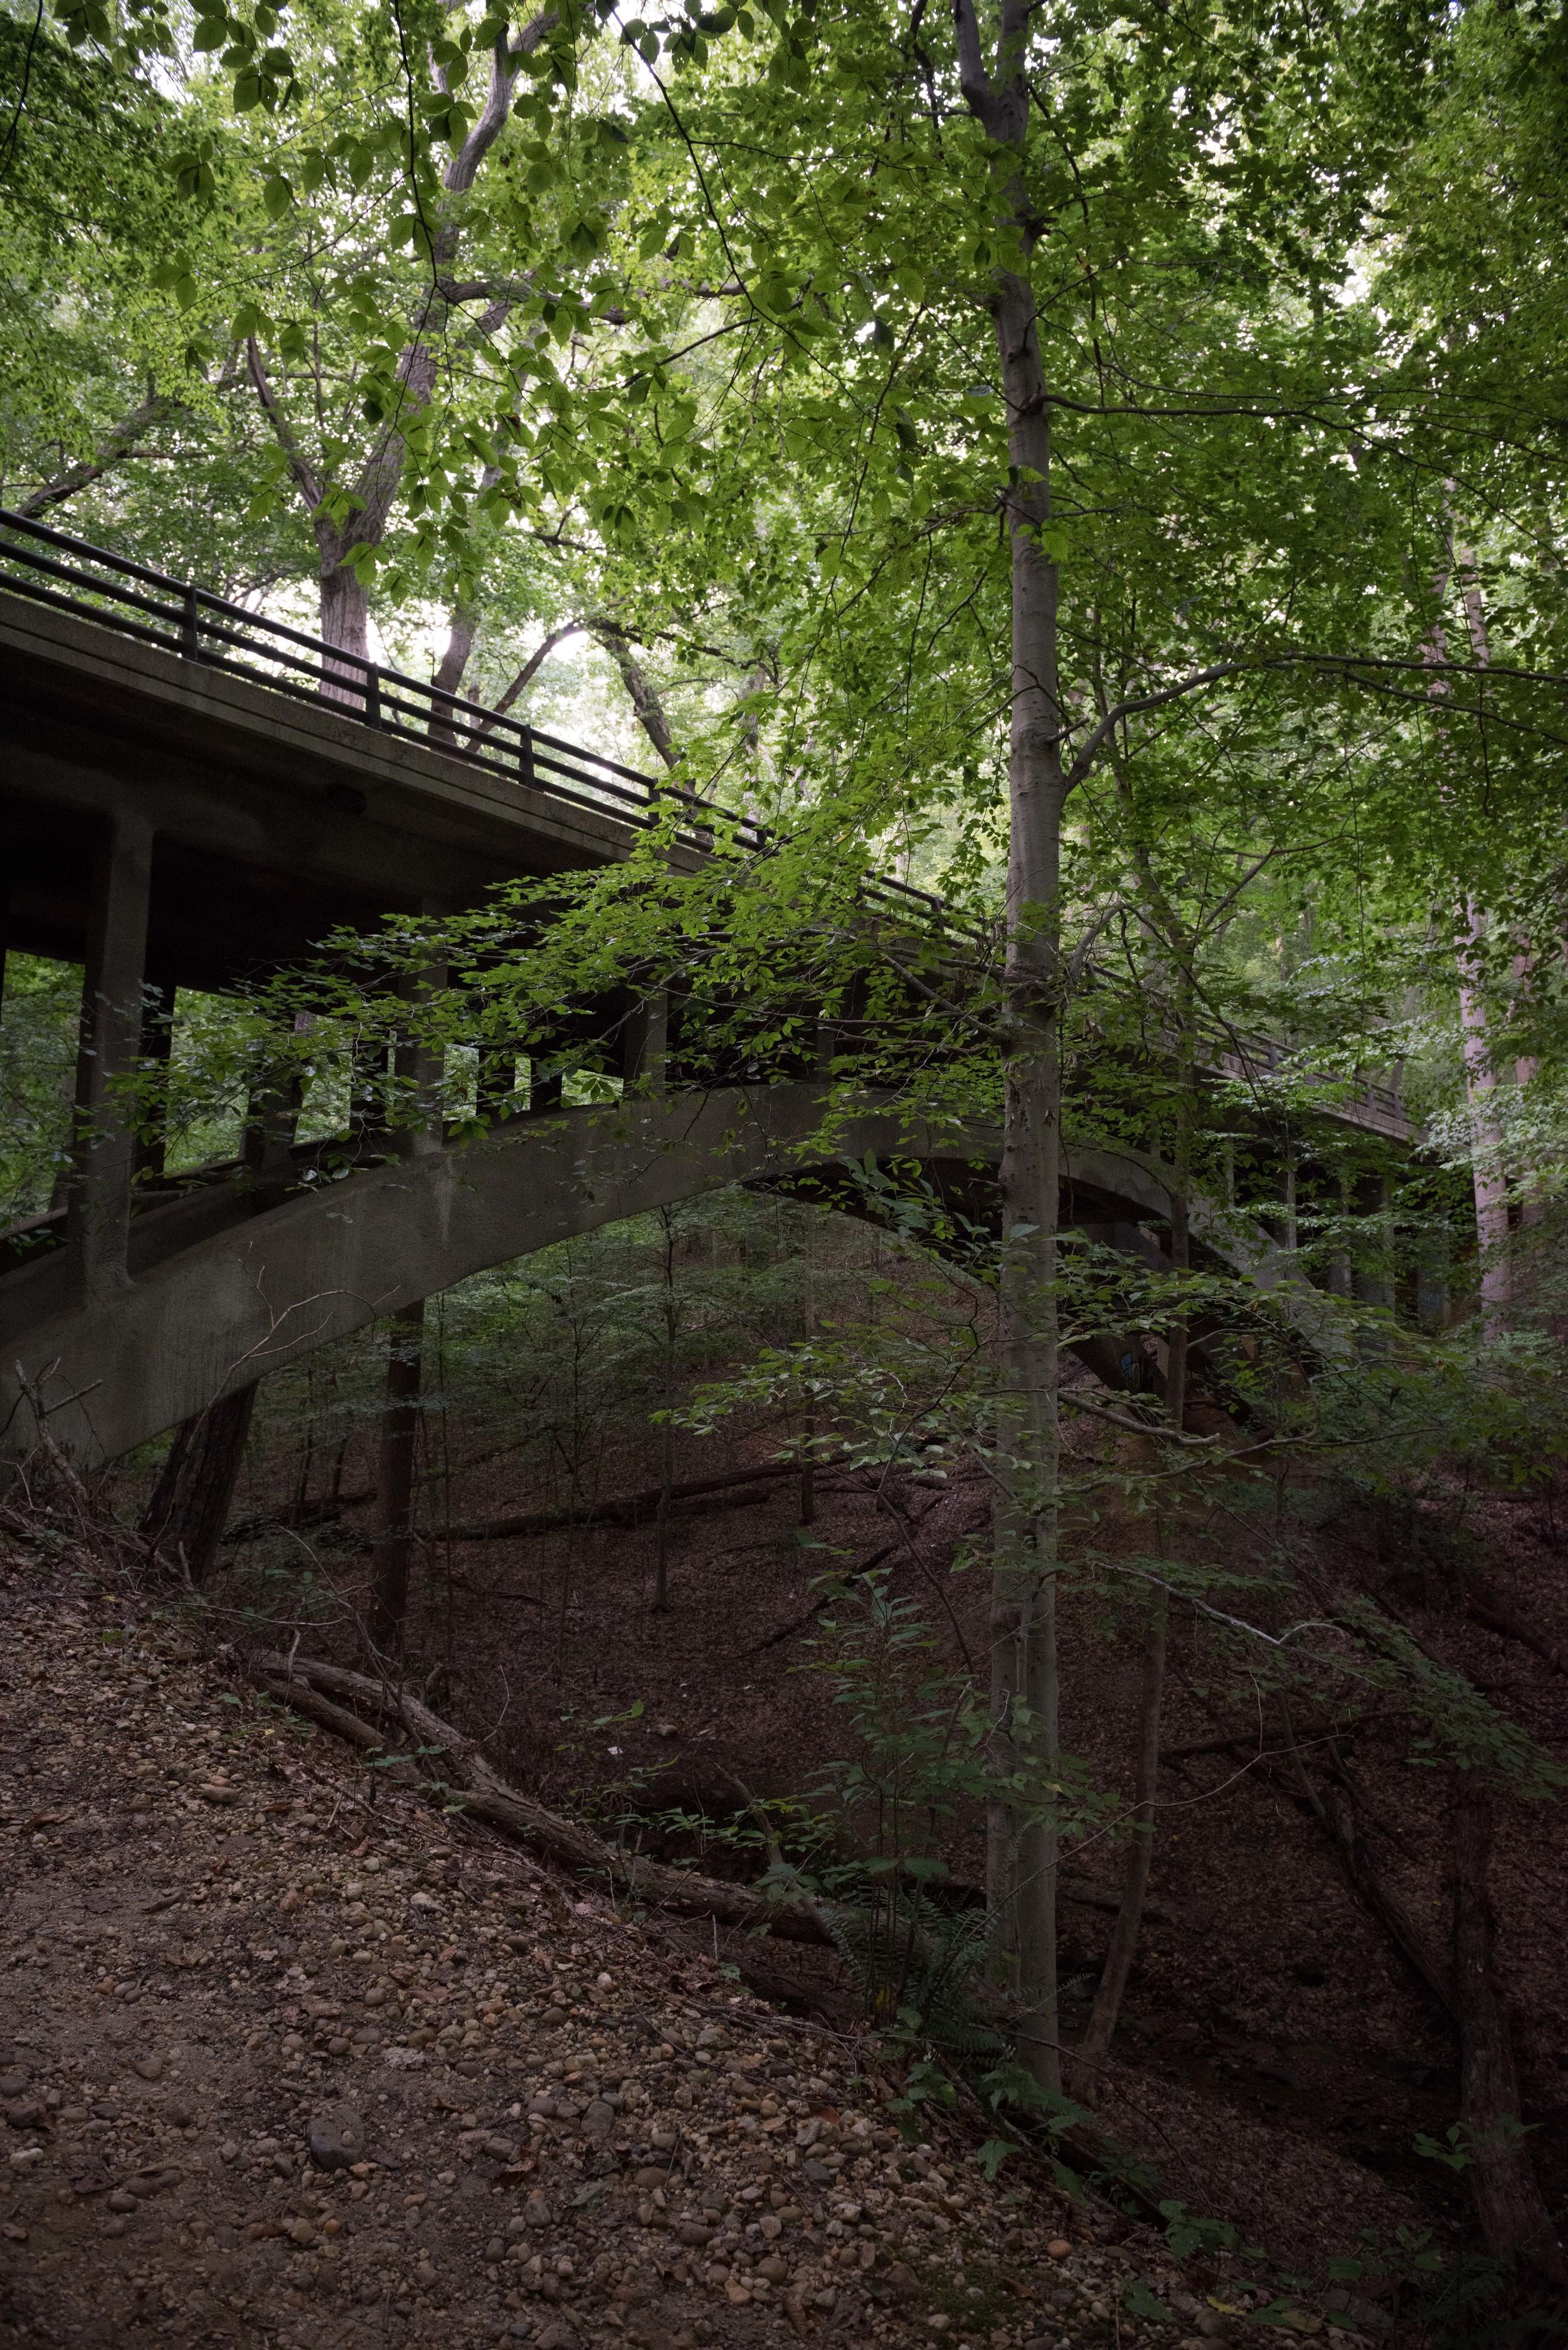 rock-creek-park-washington-dc-7